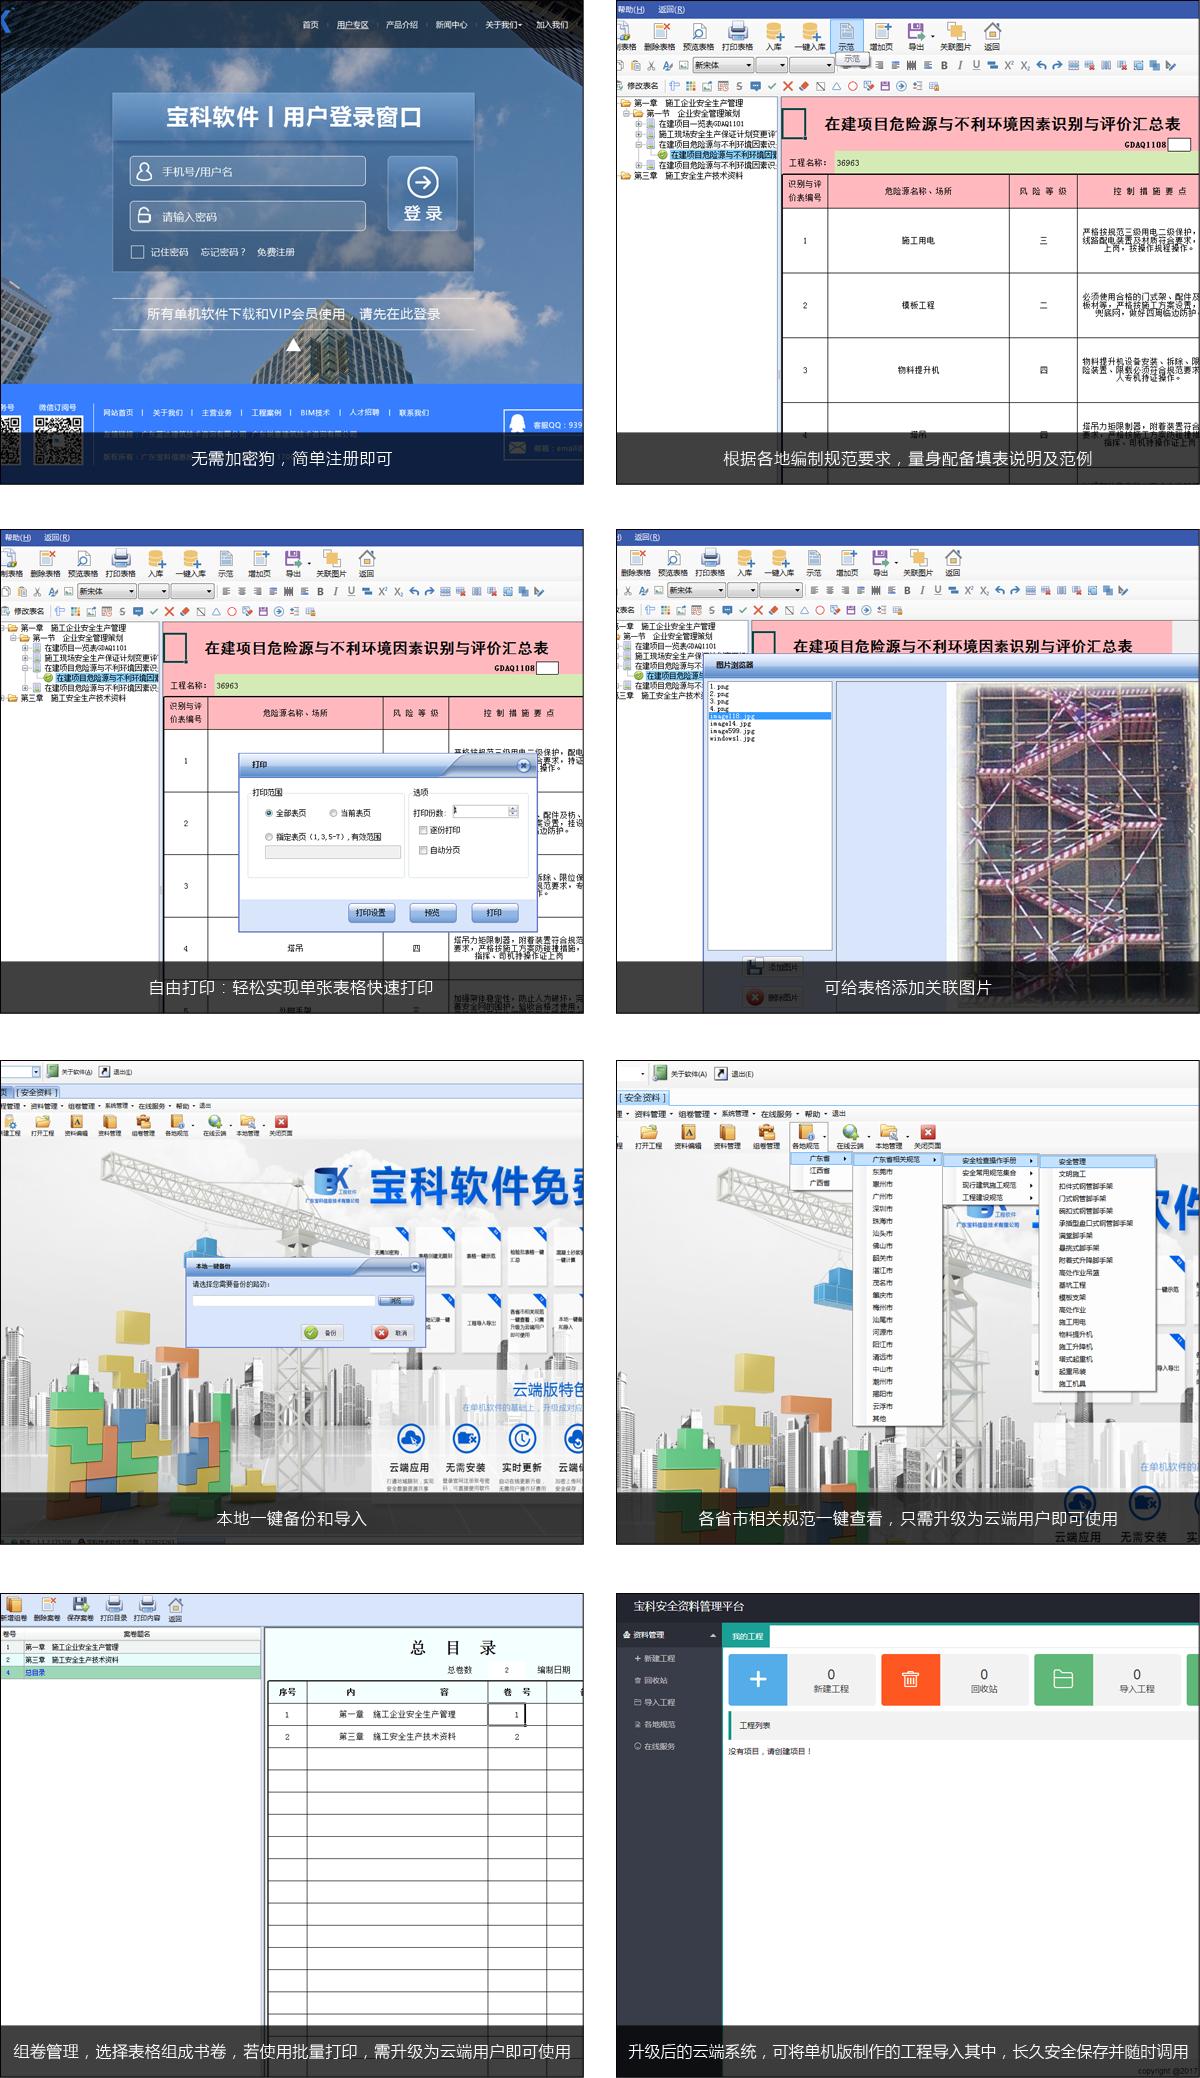 宝科市政资料信息管理系统